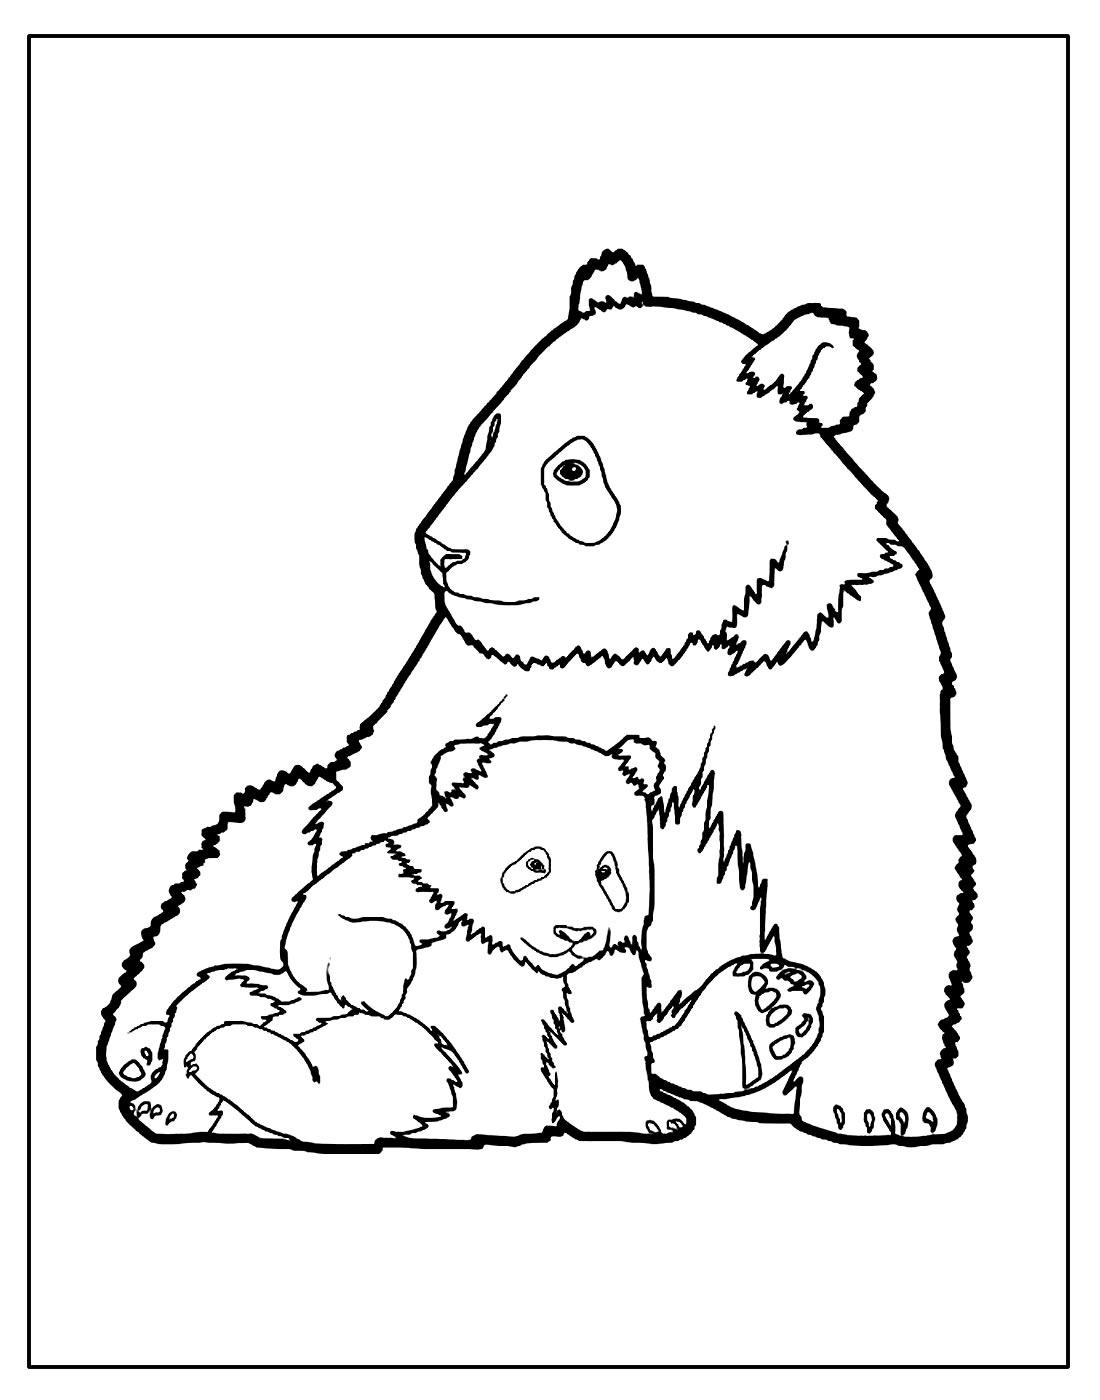 Desenho para colorir de Urso